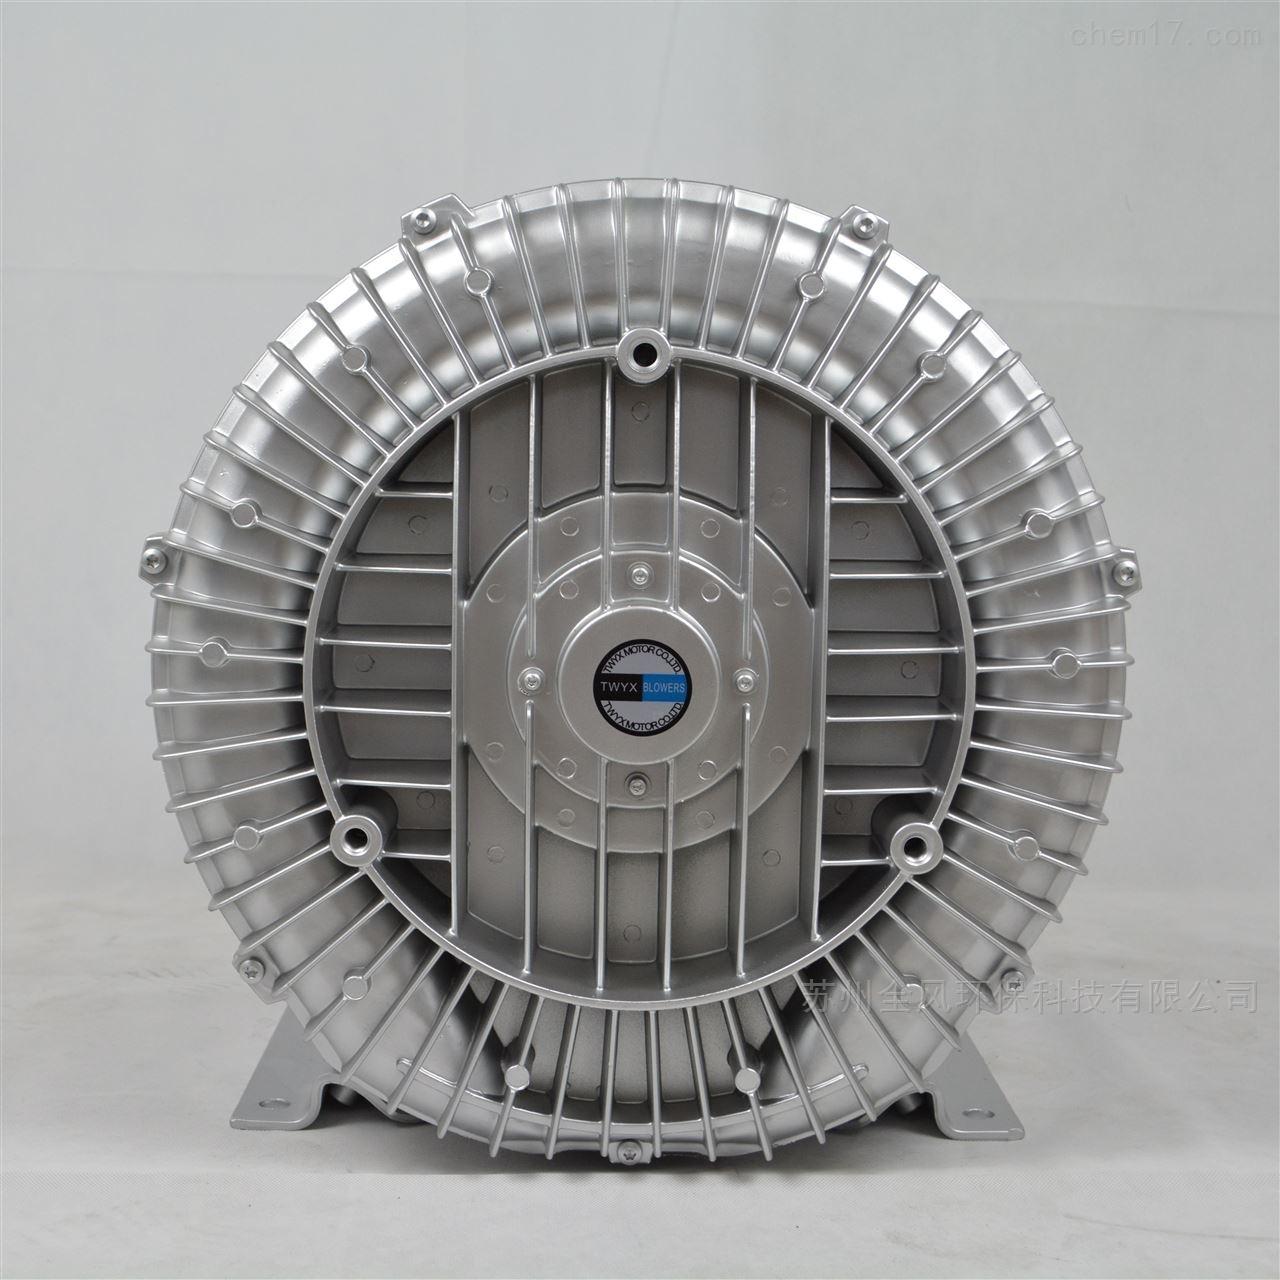 江苏全风工厂直销医疗抽废气漩涡高压风机